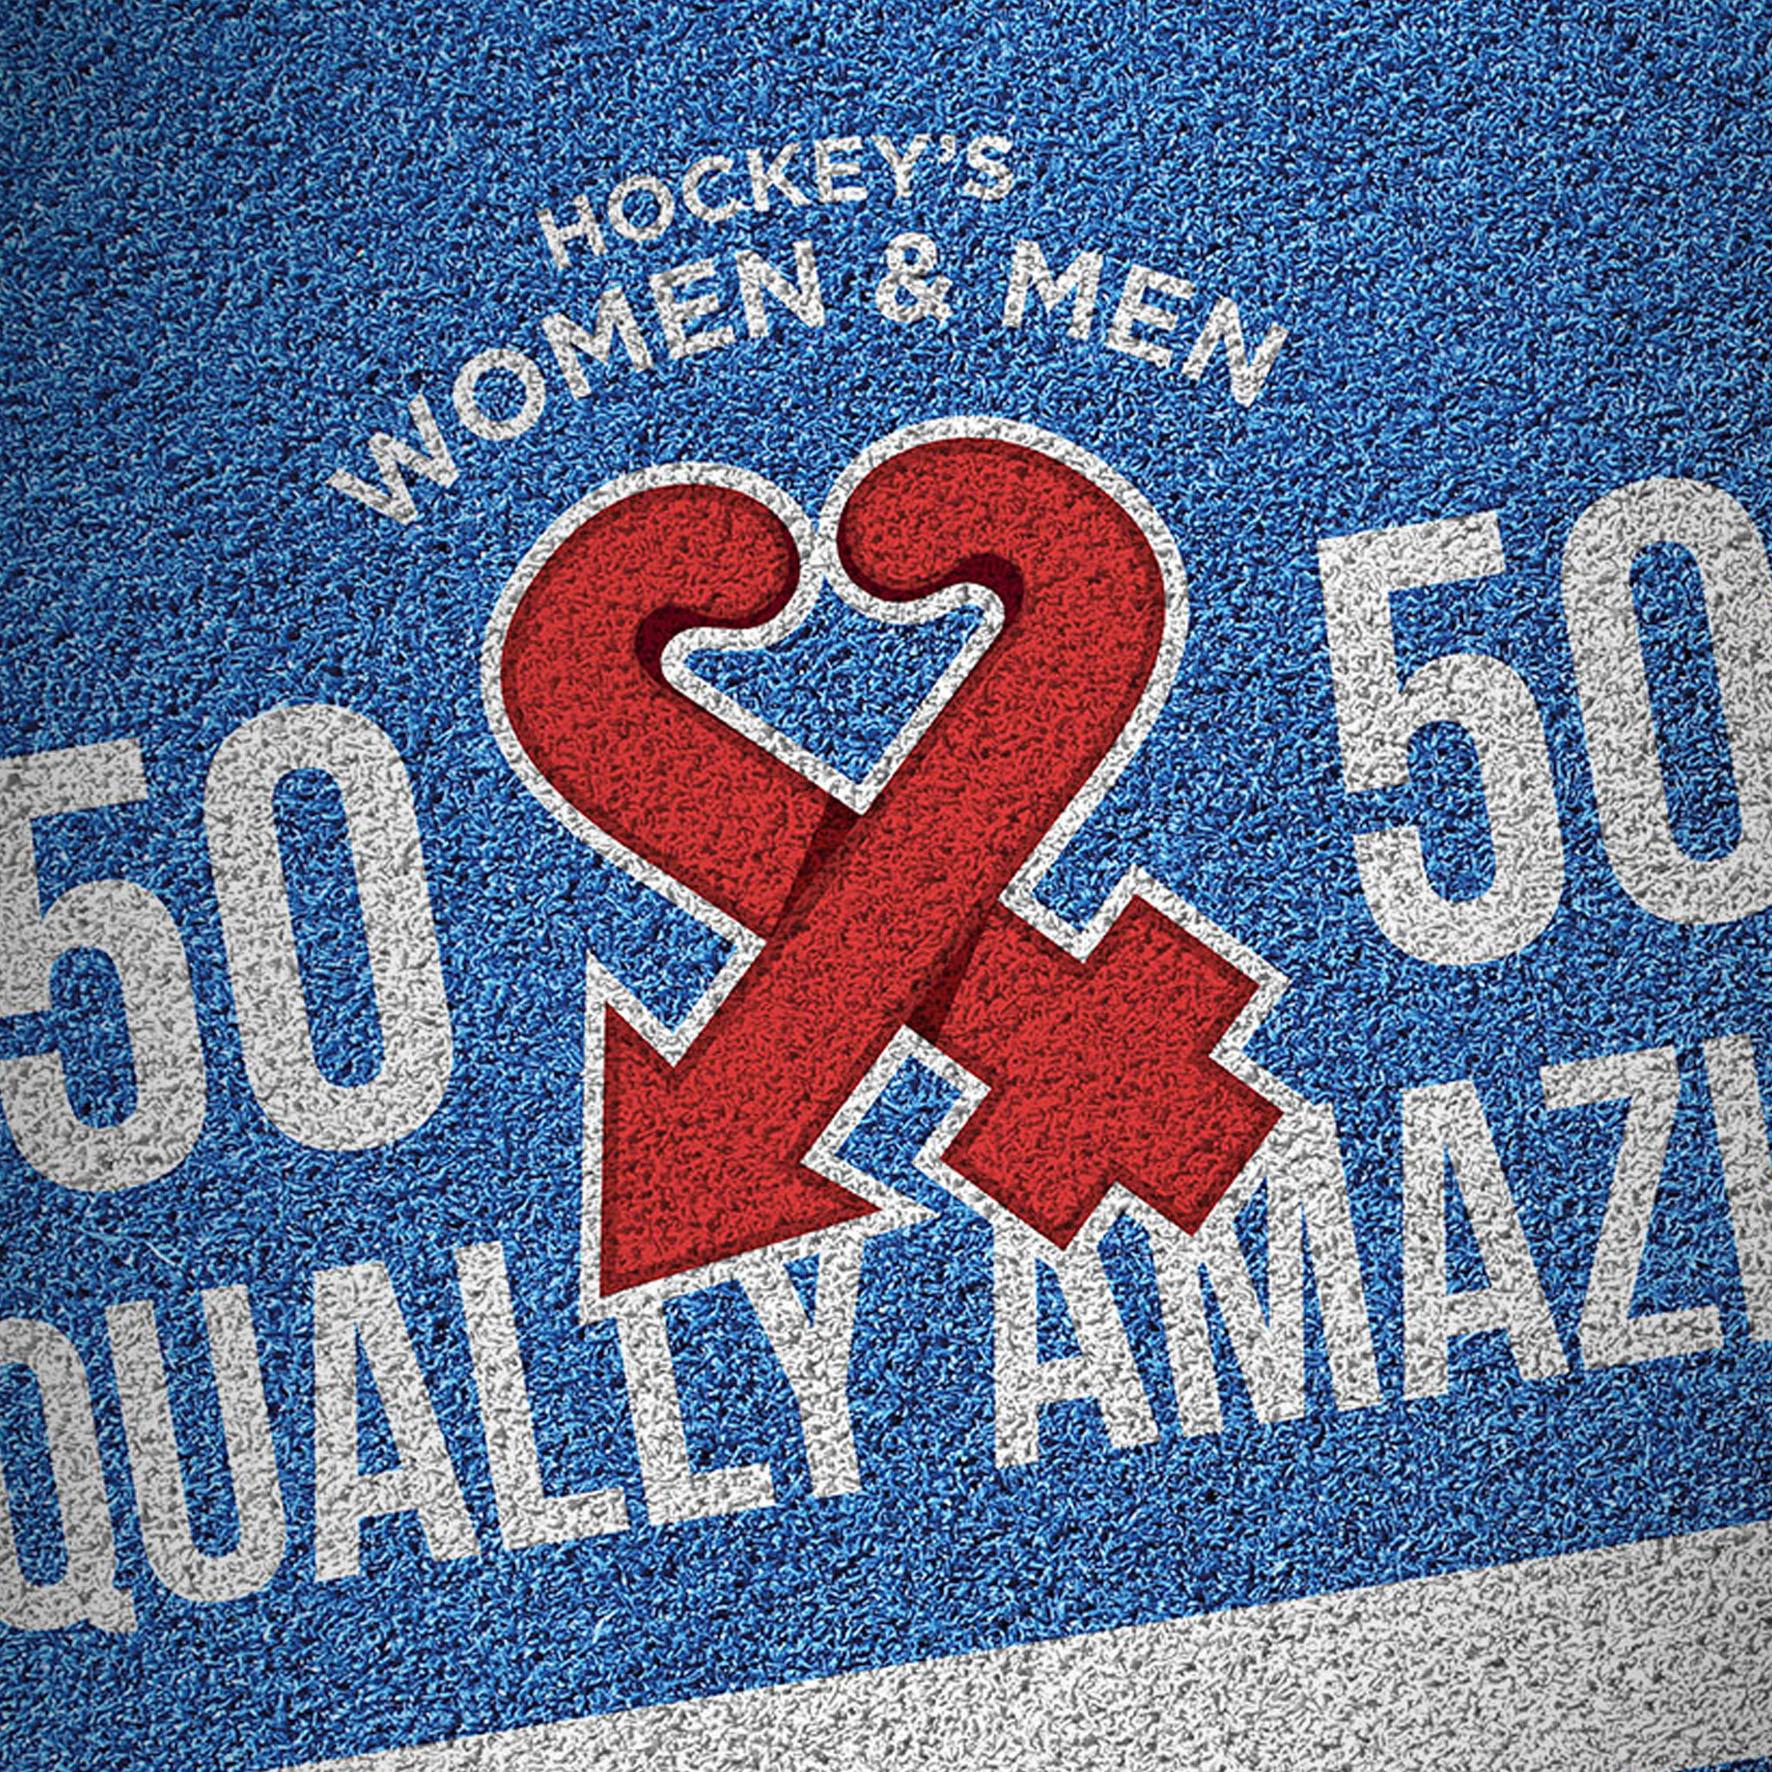 FIH  Women & Men Equally Amazing  Gender Equality Platform